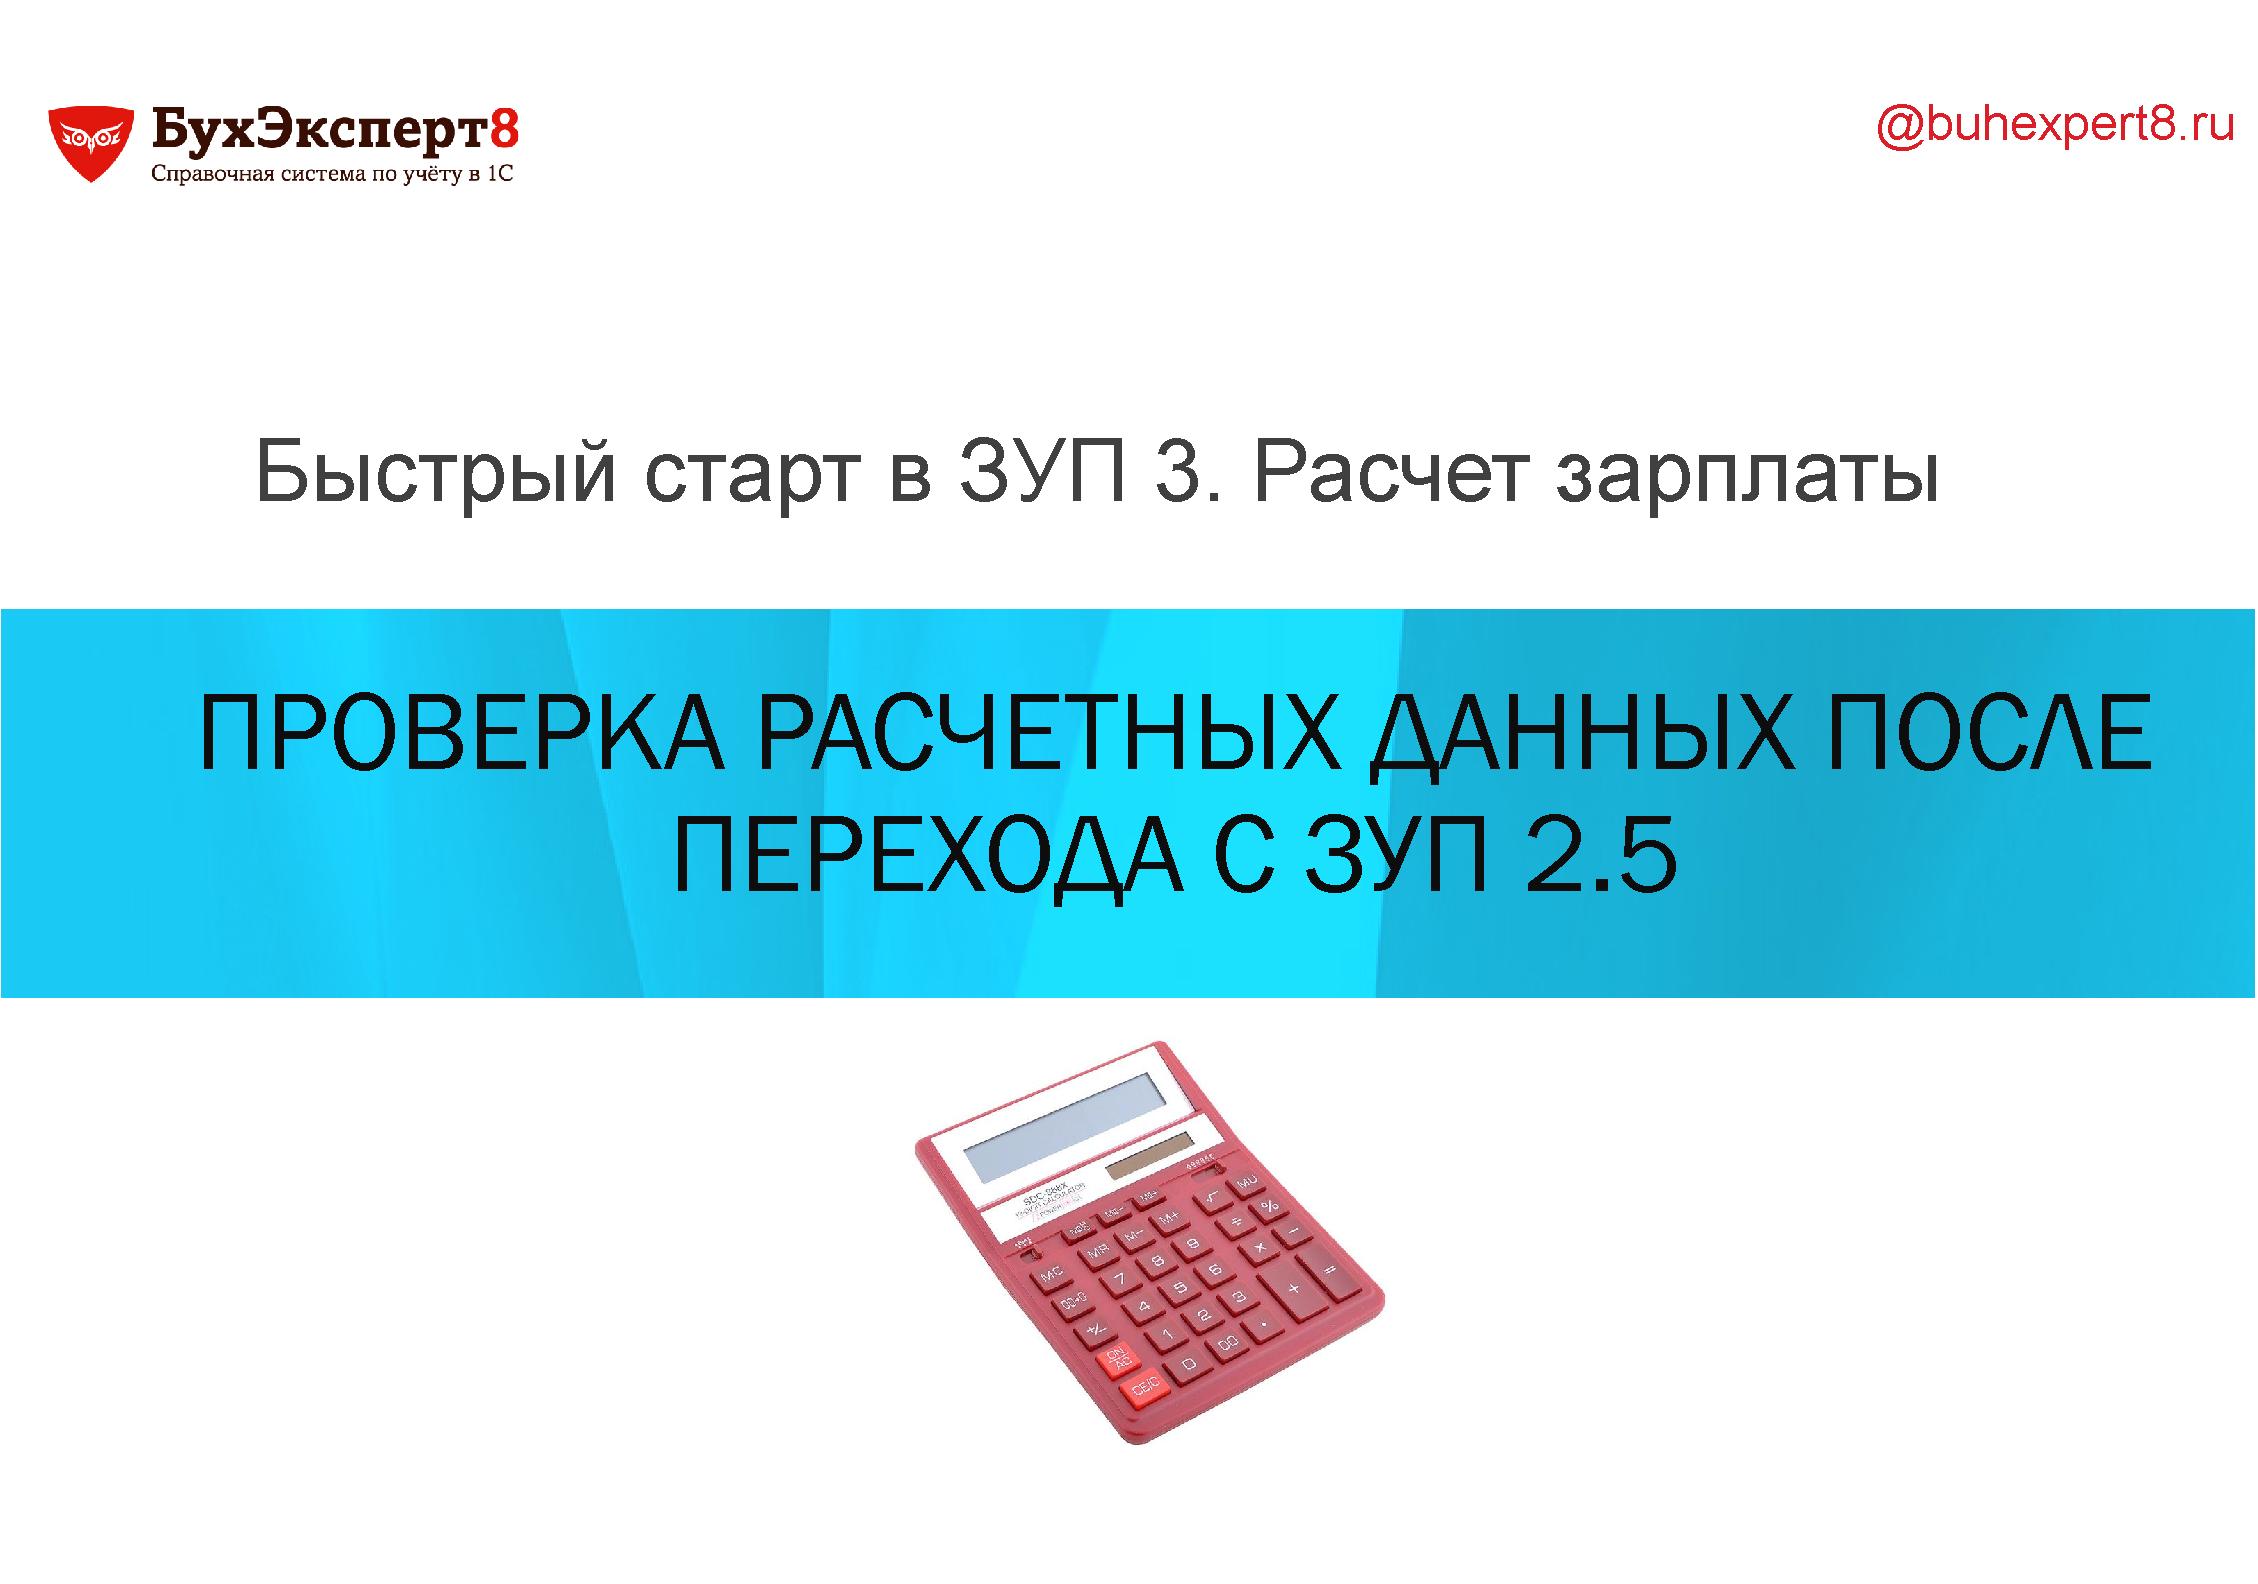 Быстрый старт в ЗУП 3. Расчет зарплаты Проверка расчетных данных после перехода с ЗУП 2.5